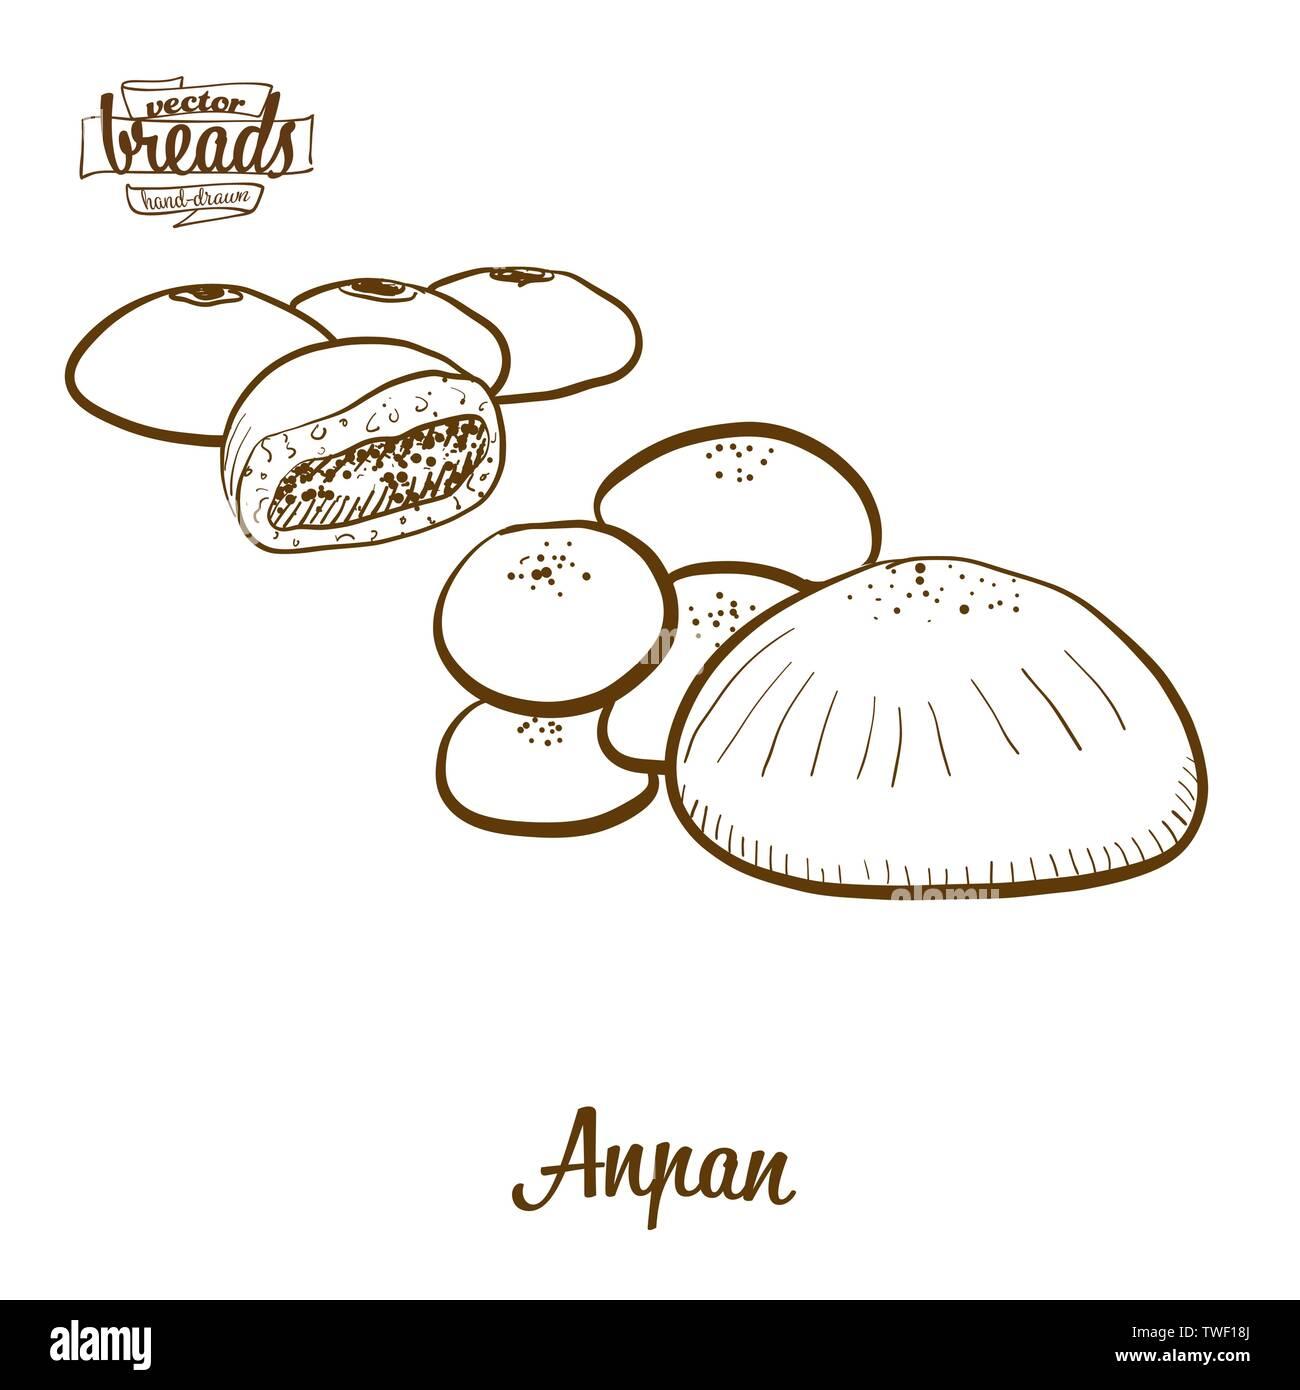 Pan Anpan dibujo vectorial. Boceto de alimentos dulces bun, generalmente conocido en Japón. Ilustración de la serie de panadería. Ilustración del Vector